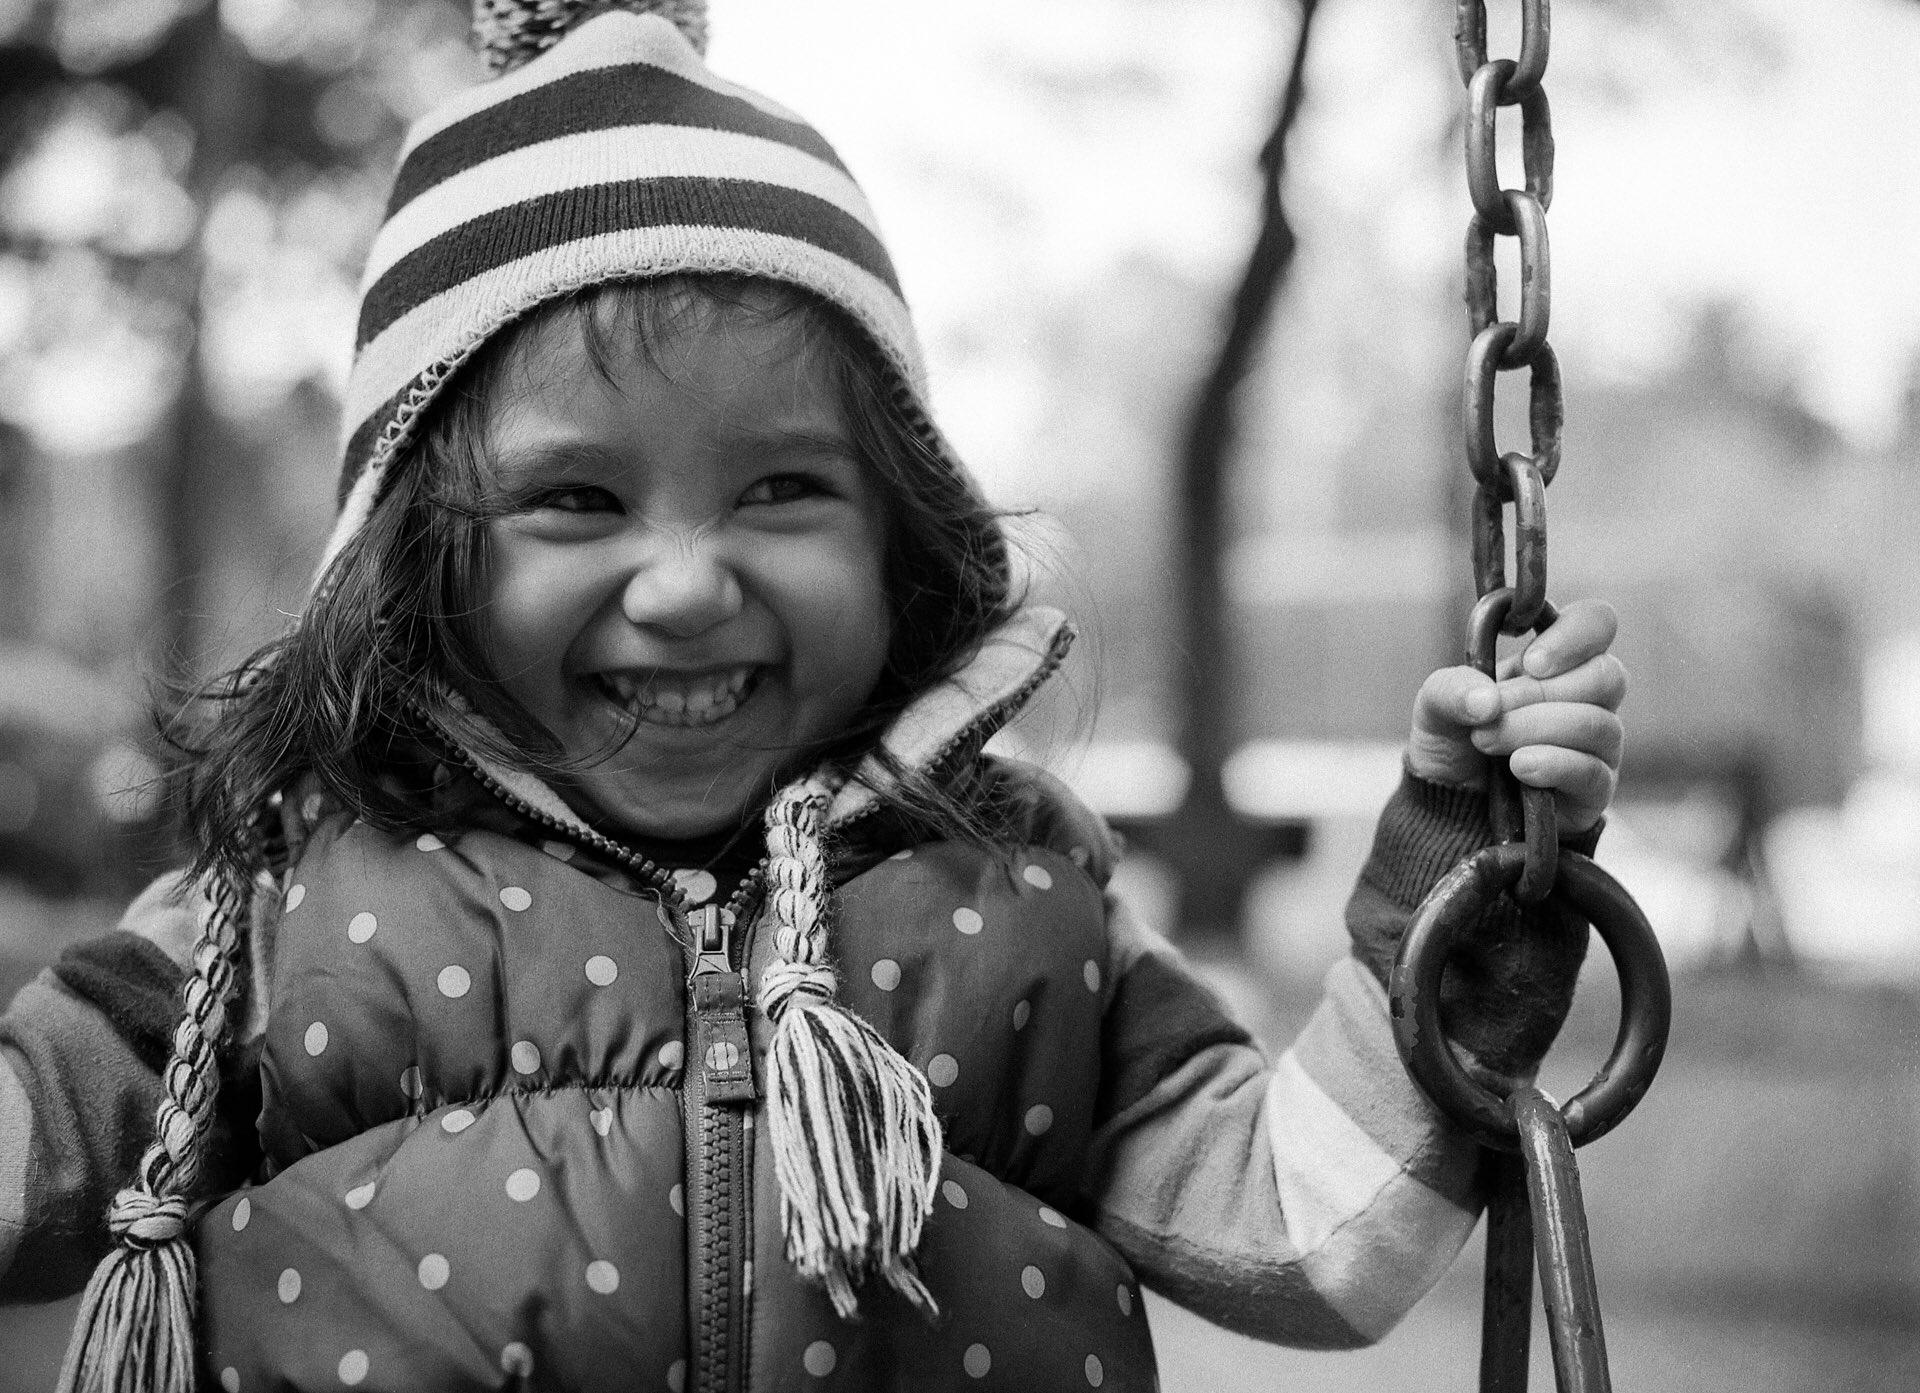 @oliverdegante @ILFORDPhoto #shallowdof #fridayfavourites #ilfordphoto #hp5 #believeinfilm